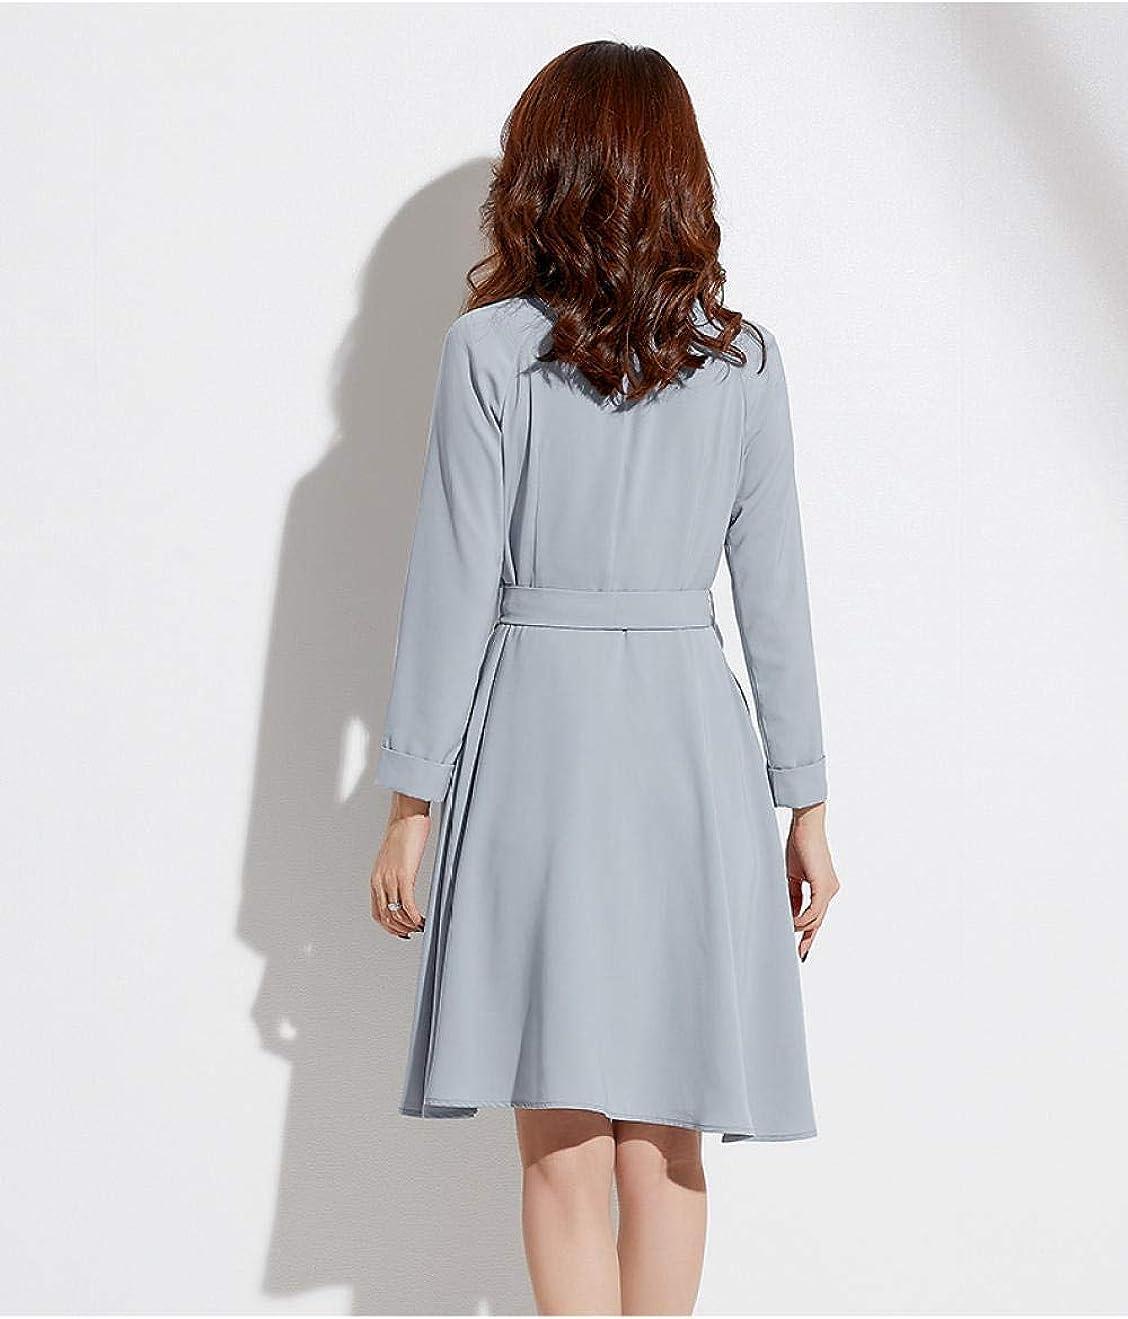 QPXZ Vestito Lungo Abito Irregolare con Maniche Lunghe Blue Gray